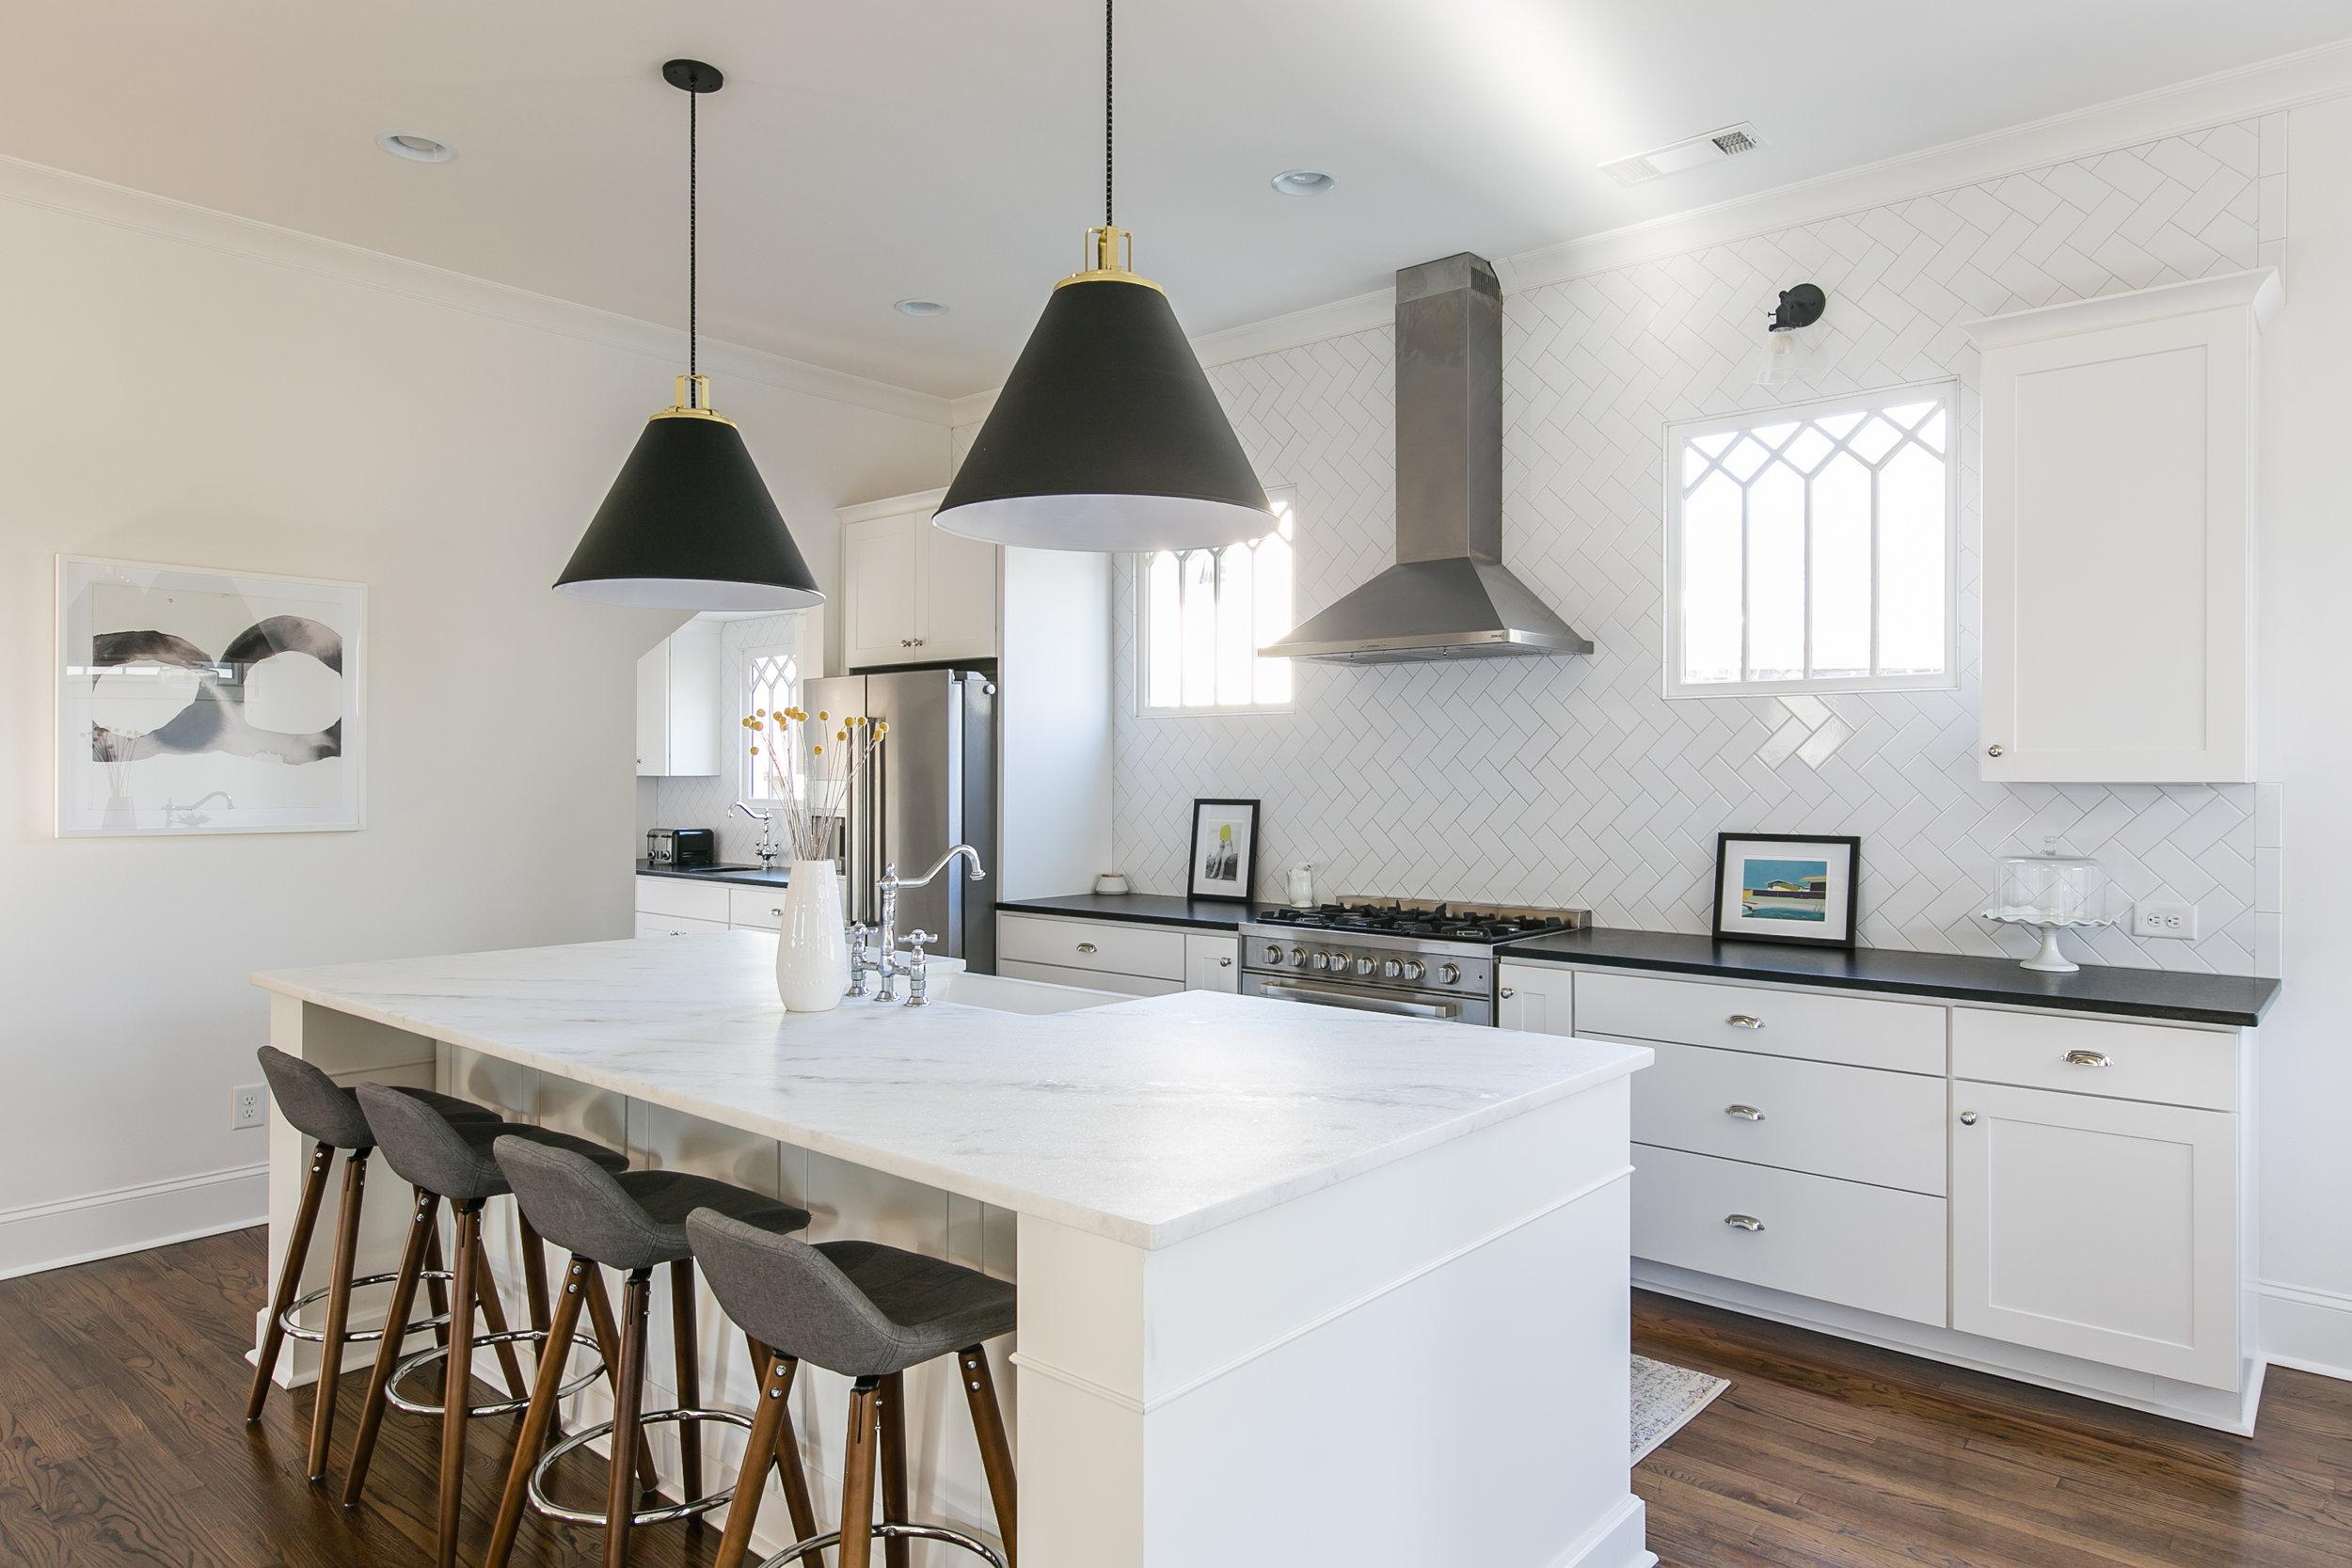 239 Greenwood-Kitchen 1.jpg